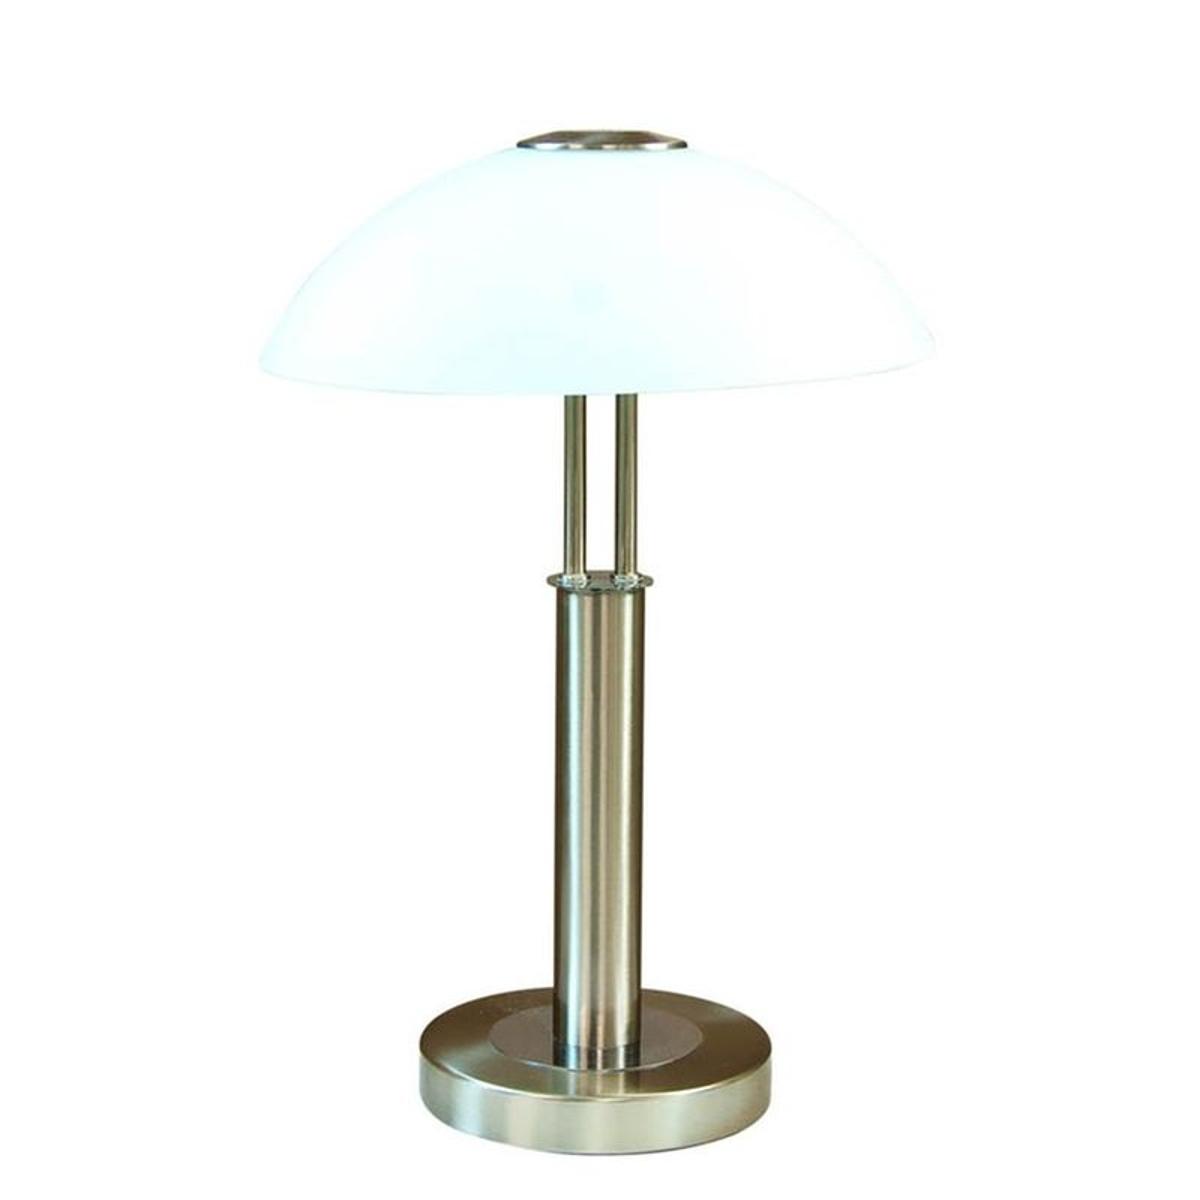 Lampe tactile step dimmer PRESCOT argentée en métal